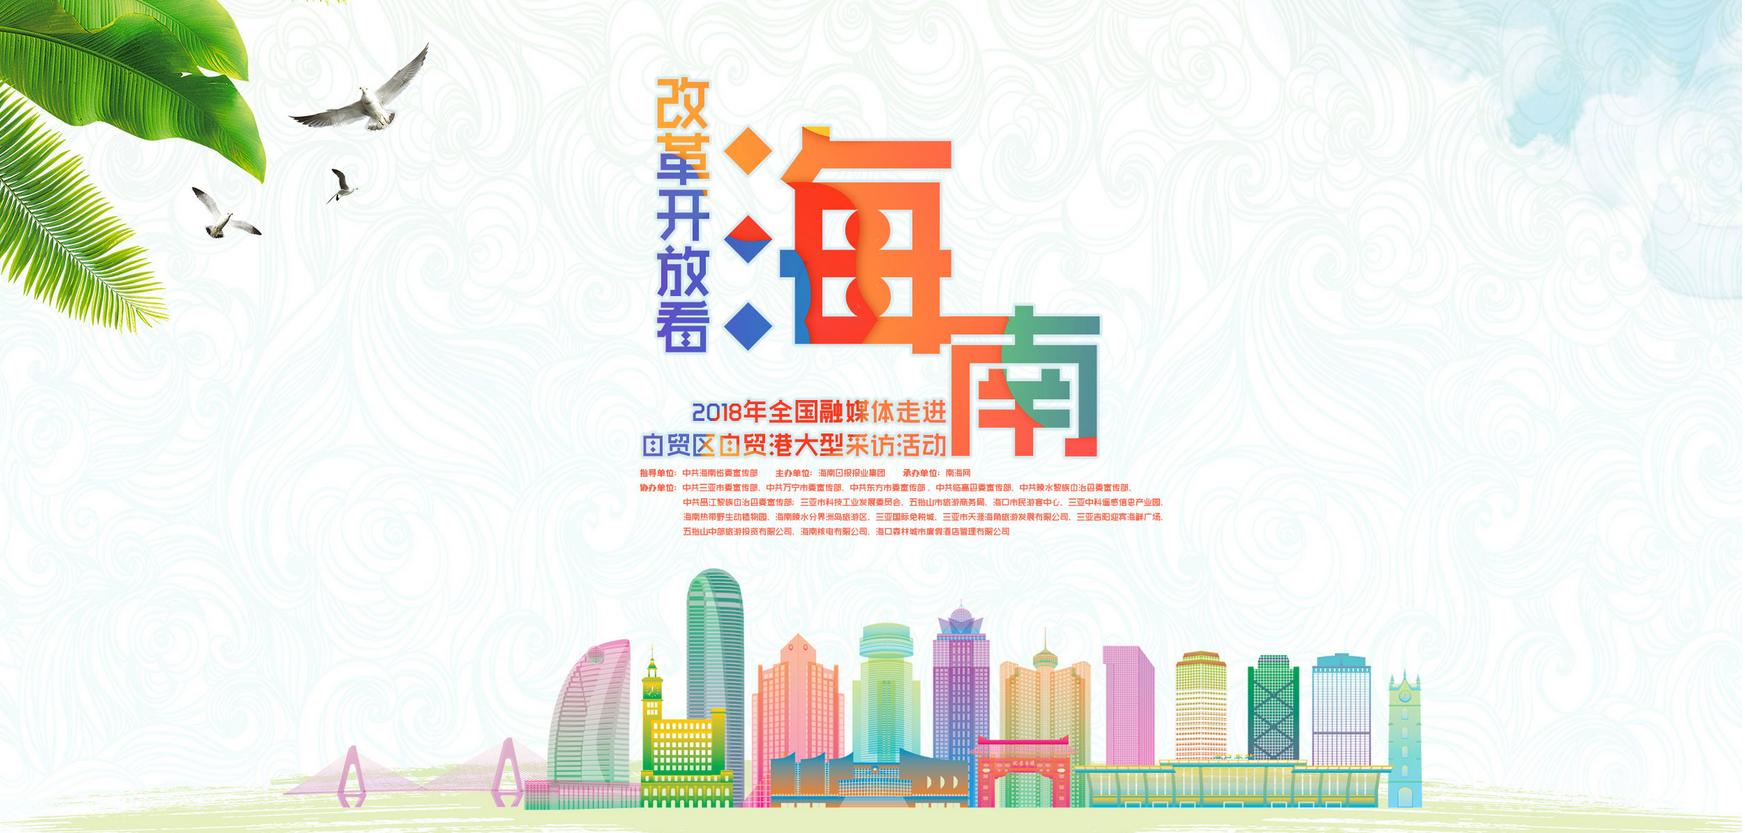 全国融媒体走进临高昌江 品味丰富旅游资源和历史文化